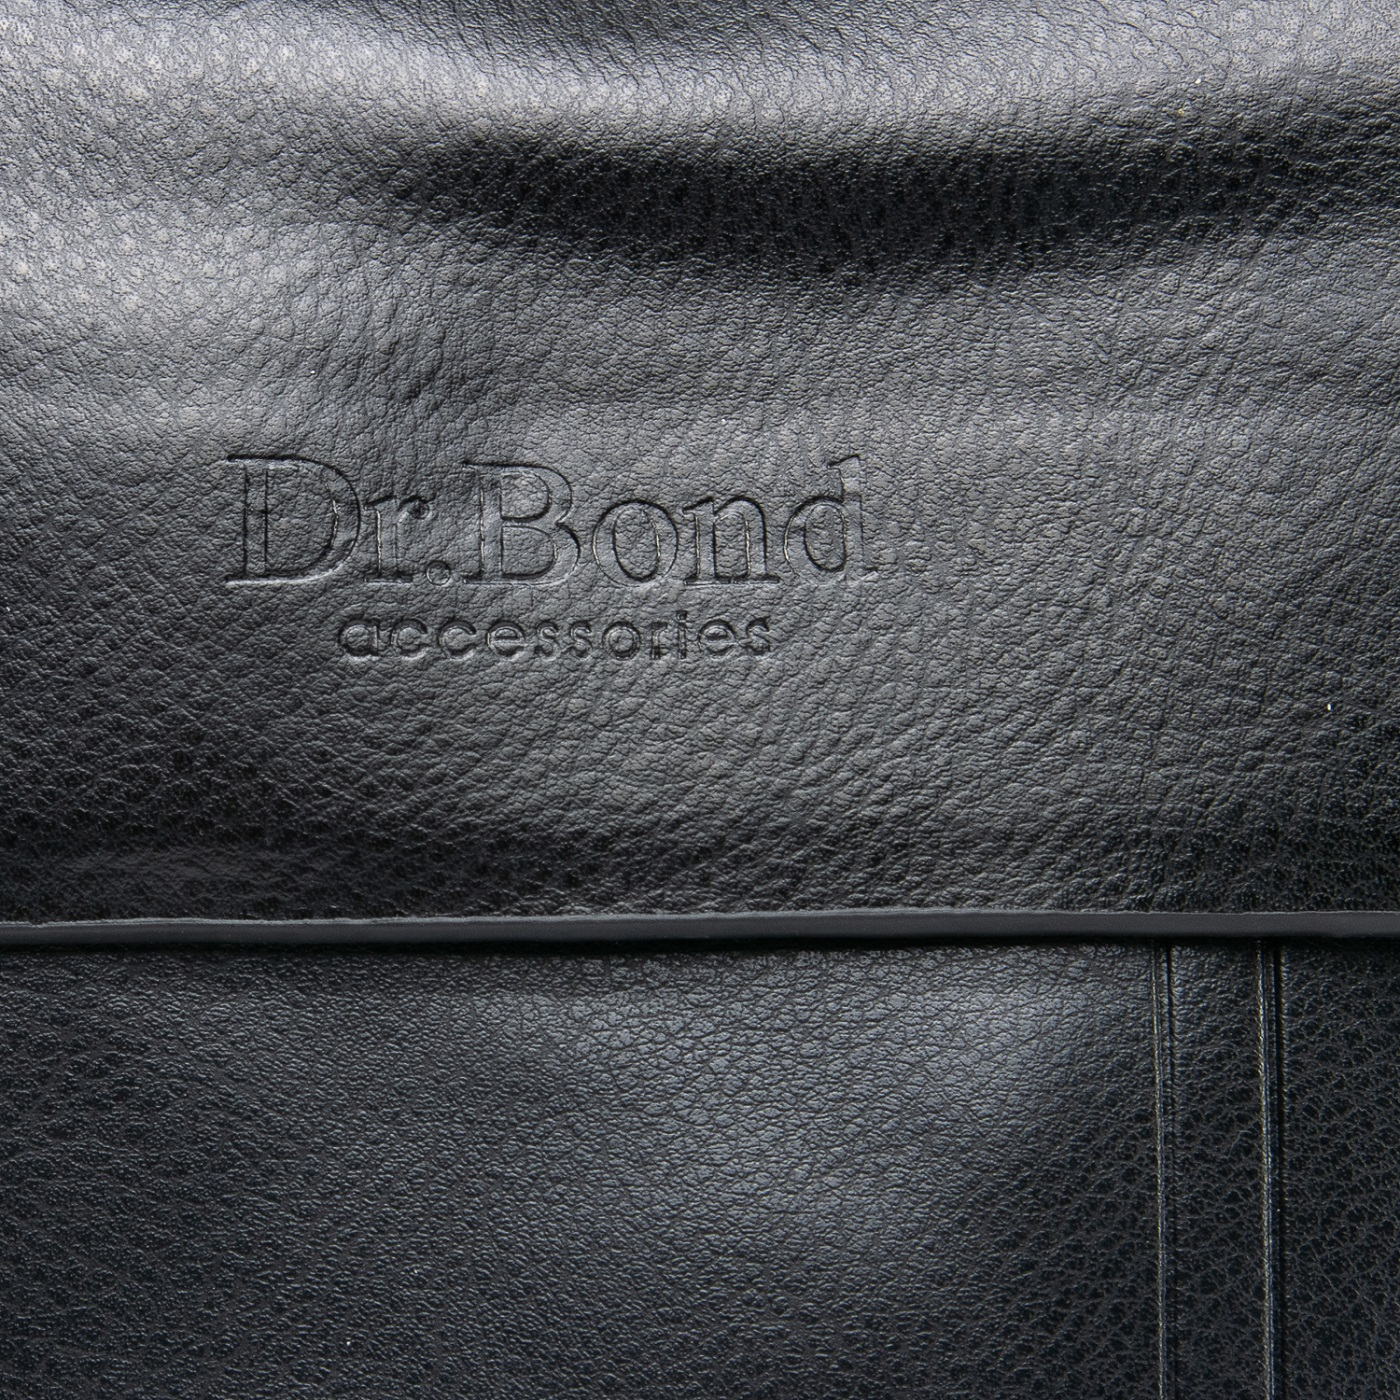 Сумка Мужская Планшет иск-кожа DR. BOND GL 210-2 black - фото 3